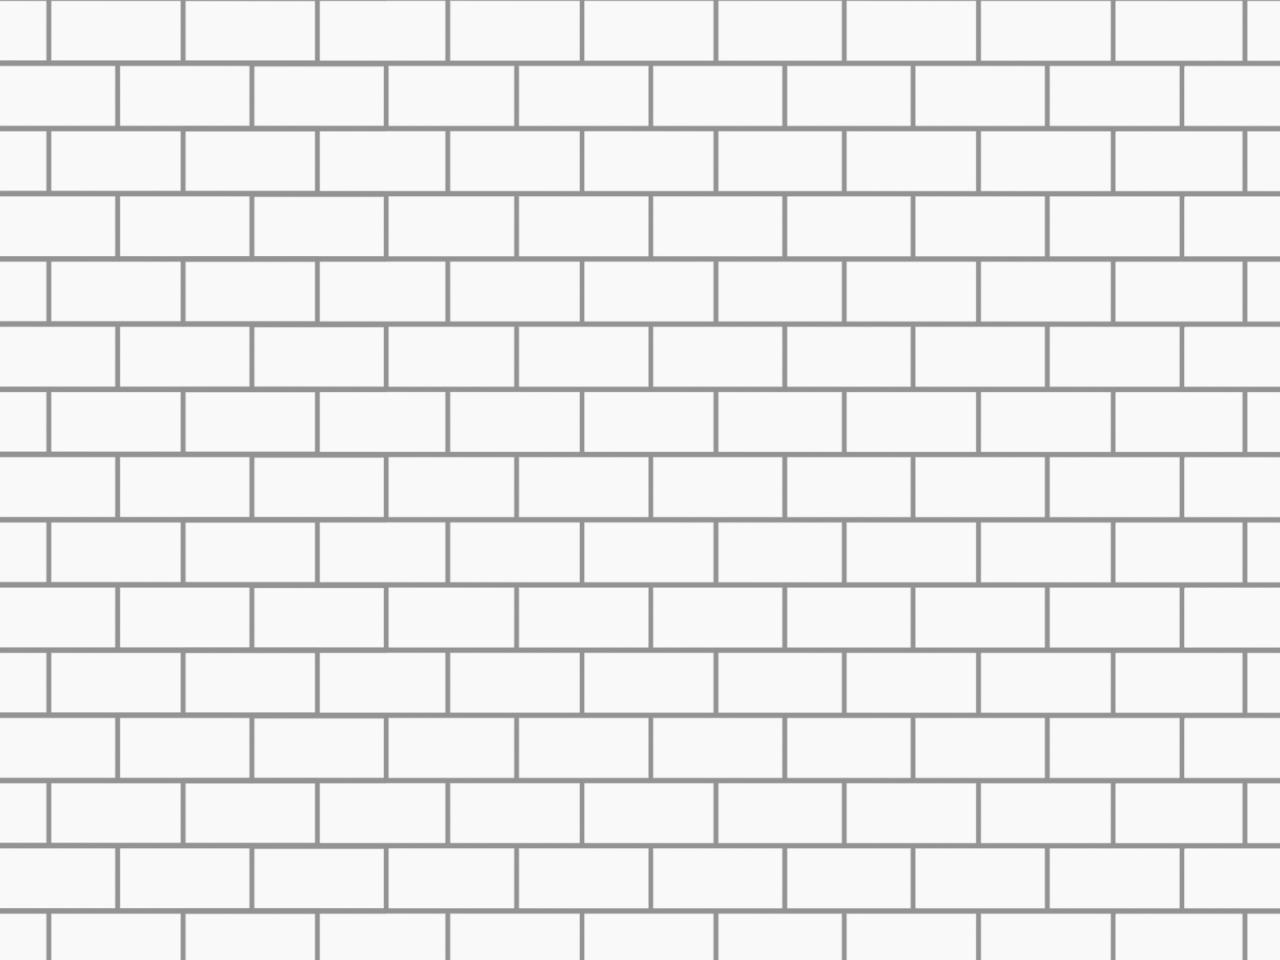 Pared de ladrillos blancos hd 1280x960 imagenes - Pared ladrillo blanco ...